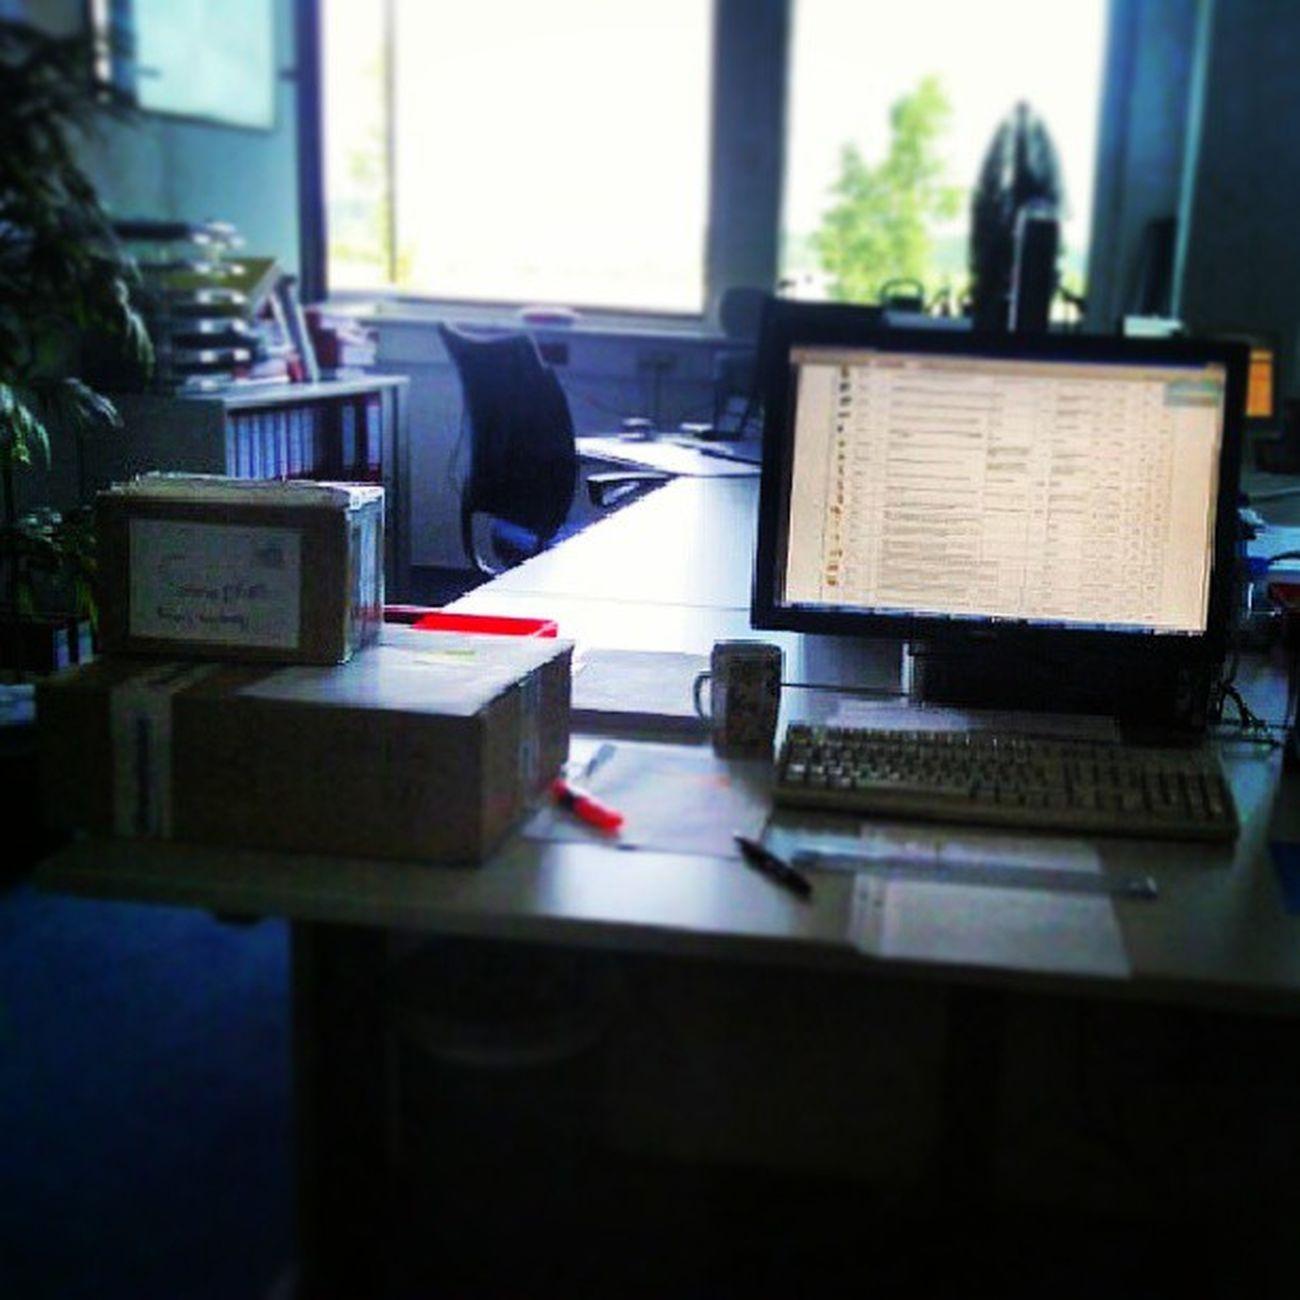 Kommst auf Arbeit, und der Tisch ist vollgemüllt -.- Montagmorgen Globalnotes Printinform AMC busy tischvoll akuteunlust Hagenow